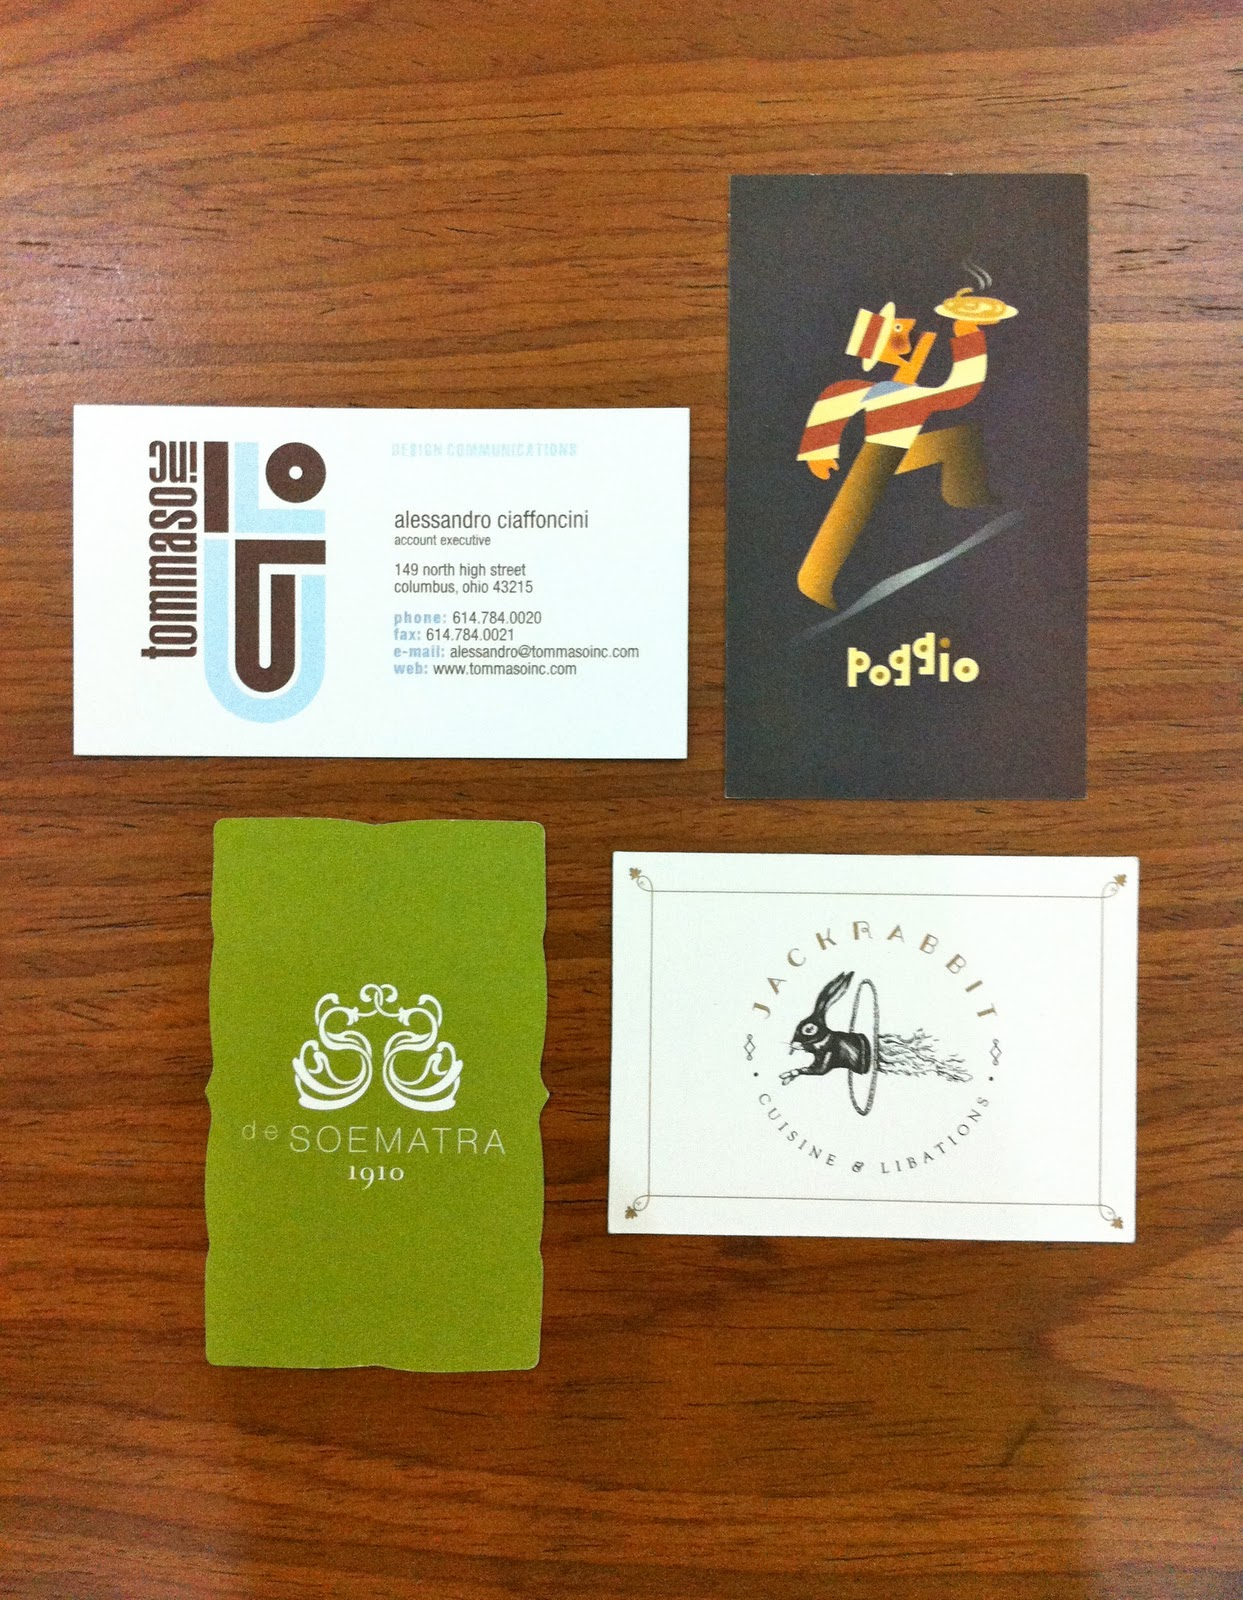 a m p m dezine Business Card Design Part 2